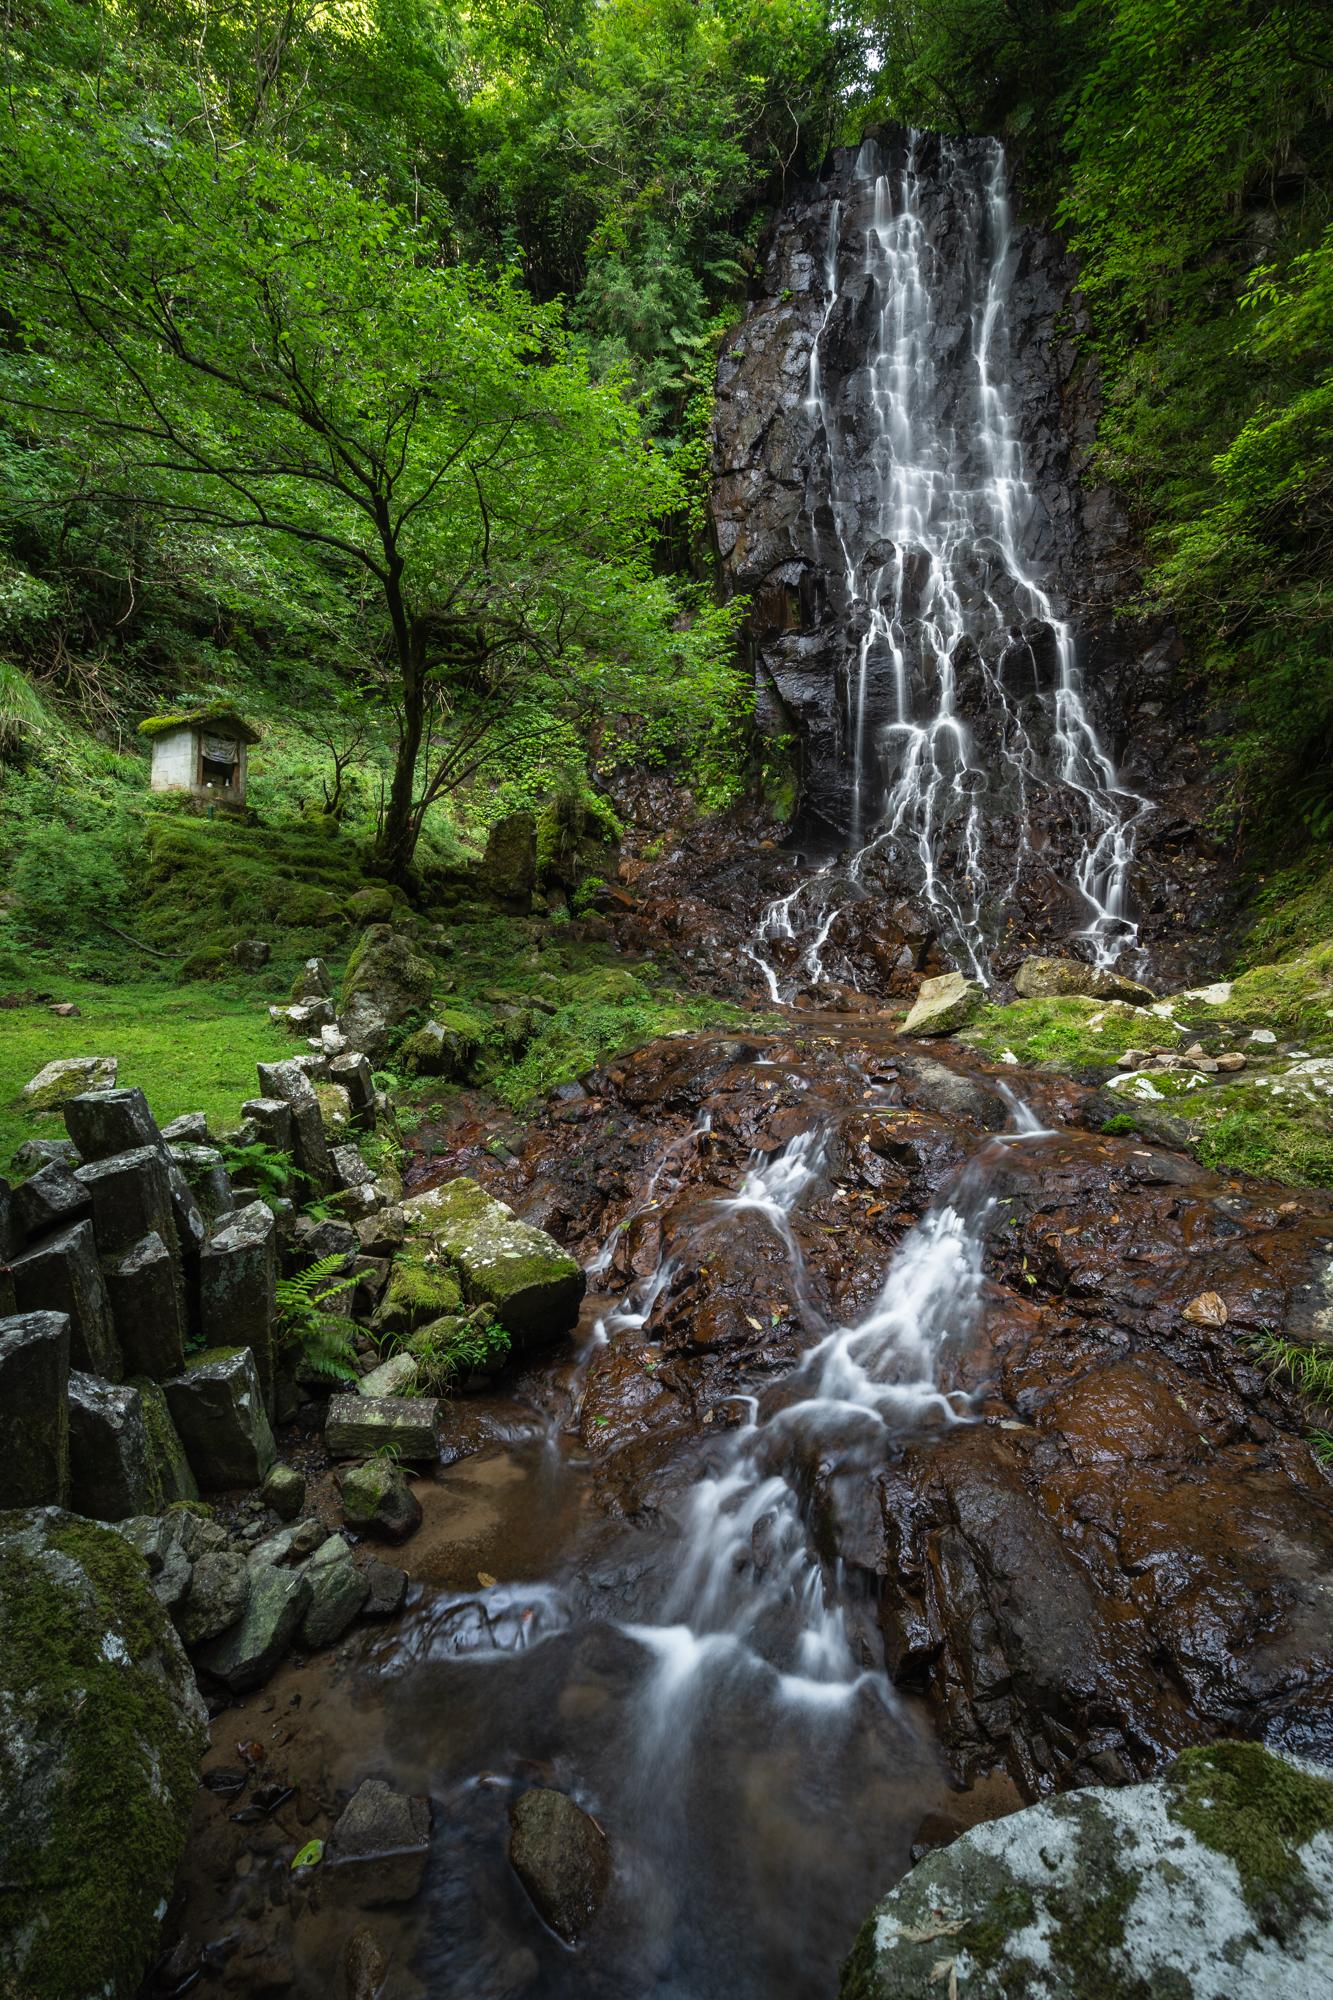 DSC01614 京都府    霧降りの滝 ( 京都の丹後半島観光におすすめ! 滝が観れる撮影スポット! アクセス・駐車場情報や撮影ポイントなど!!)